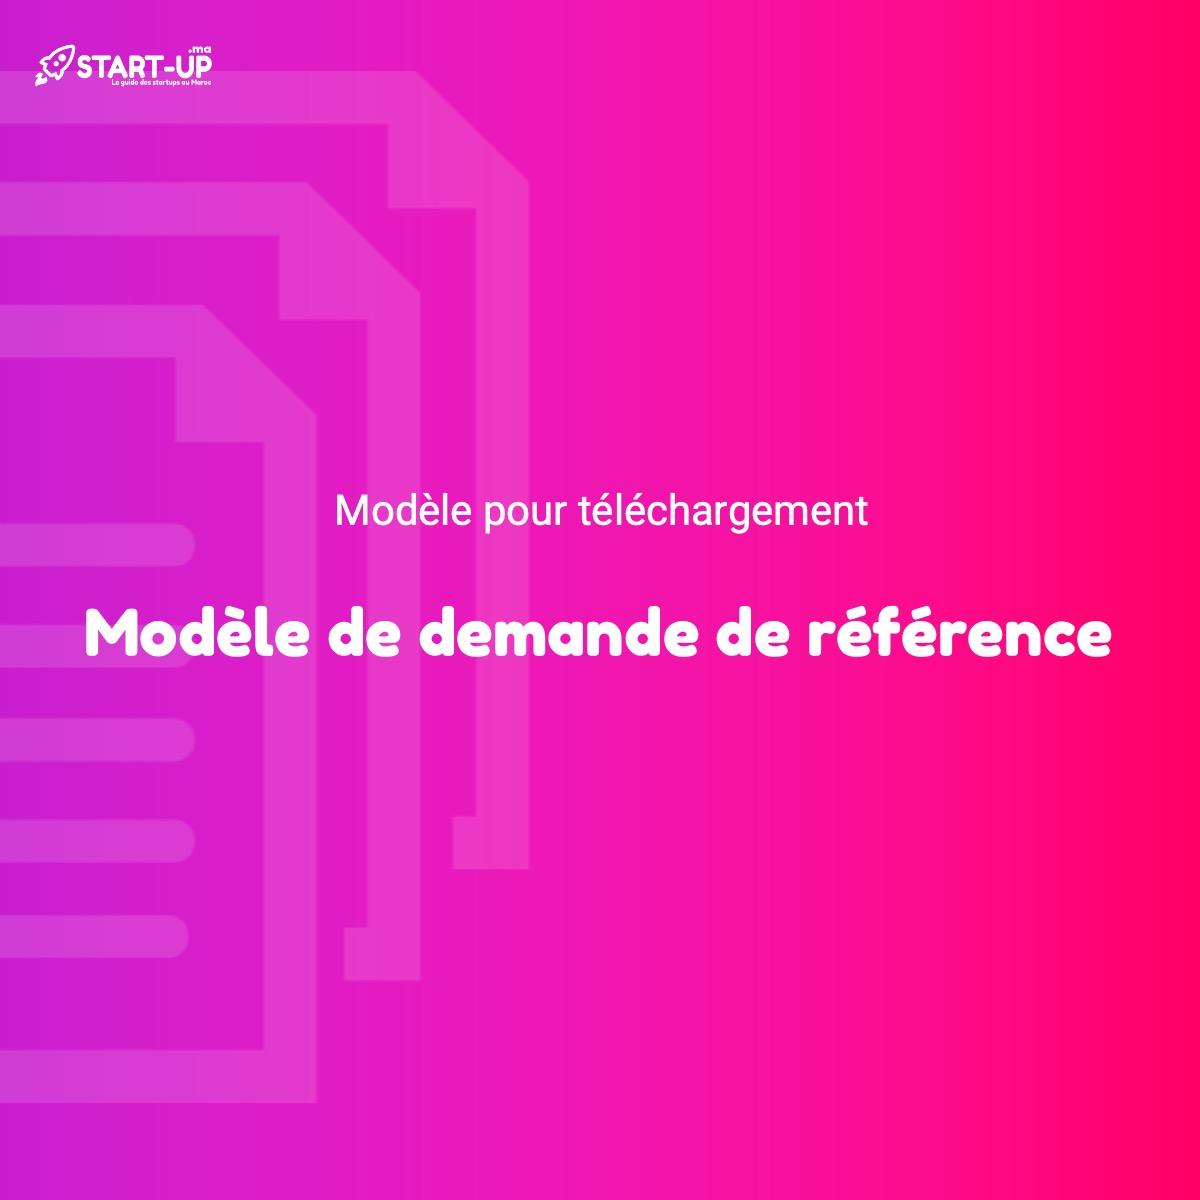 Modèle de demande de référence